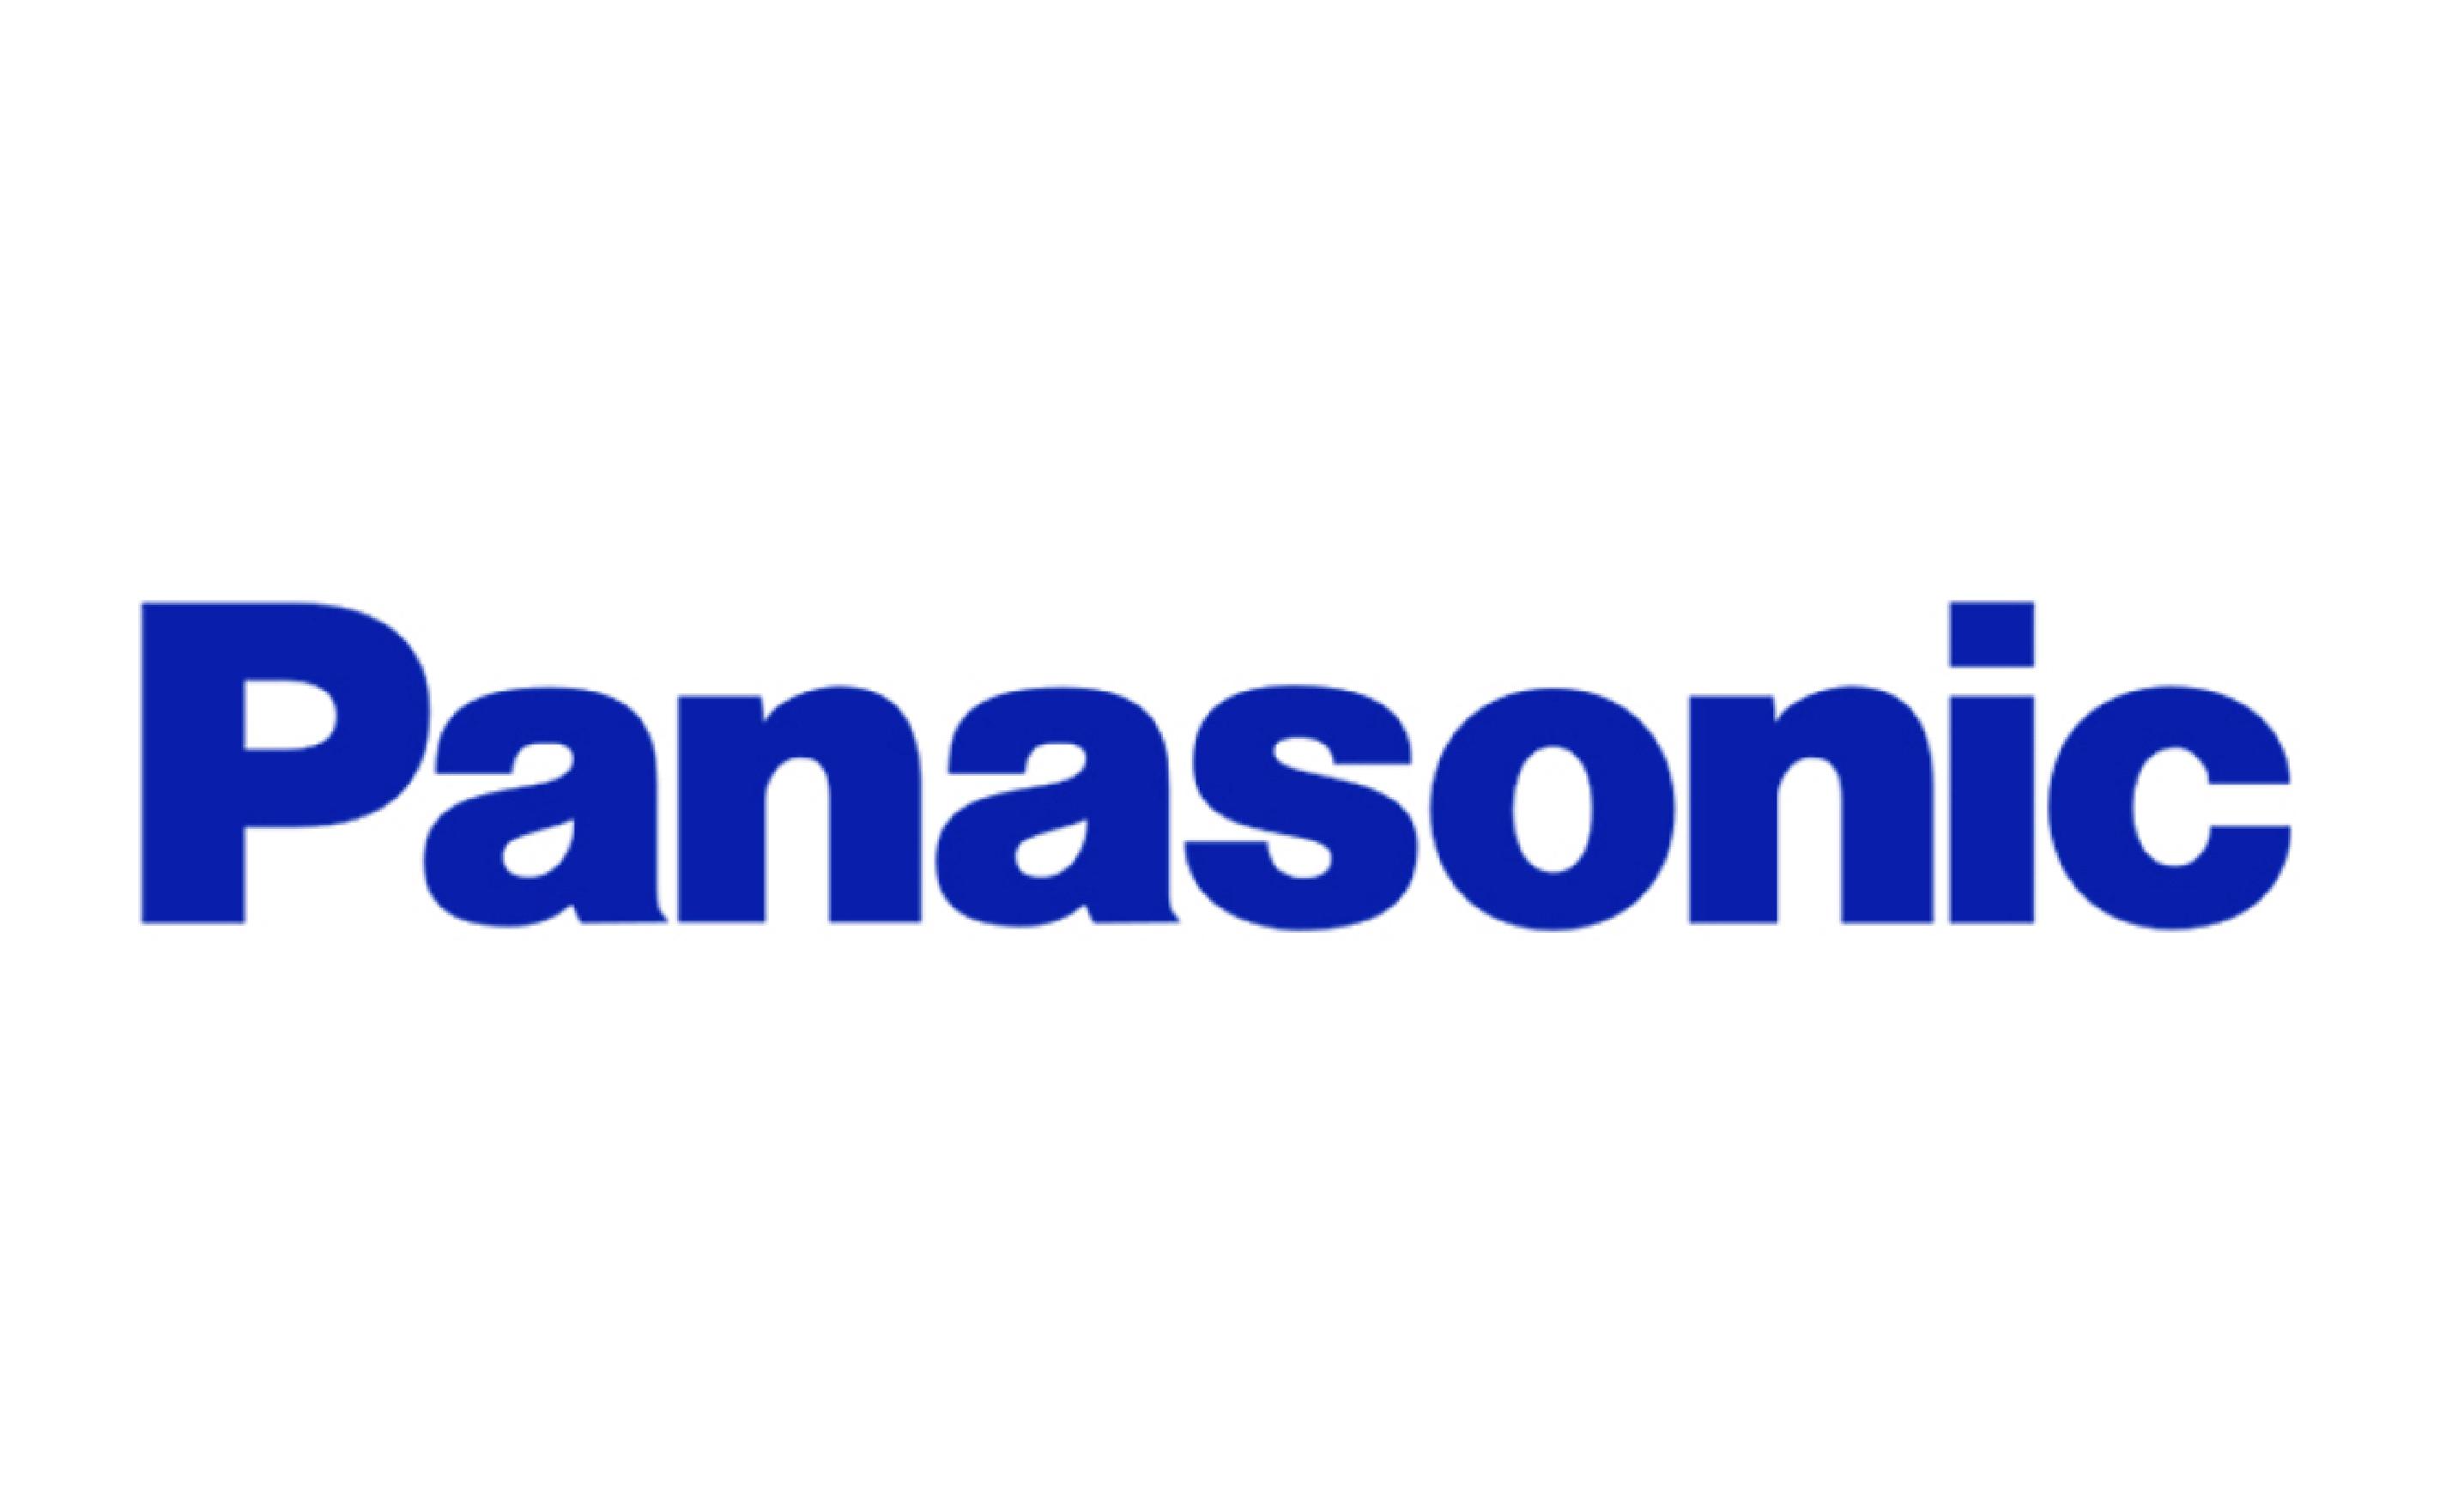 PANASONIC-01